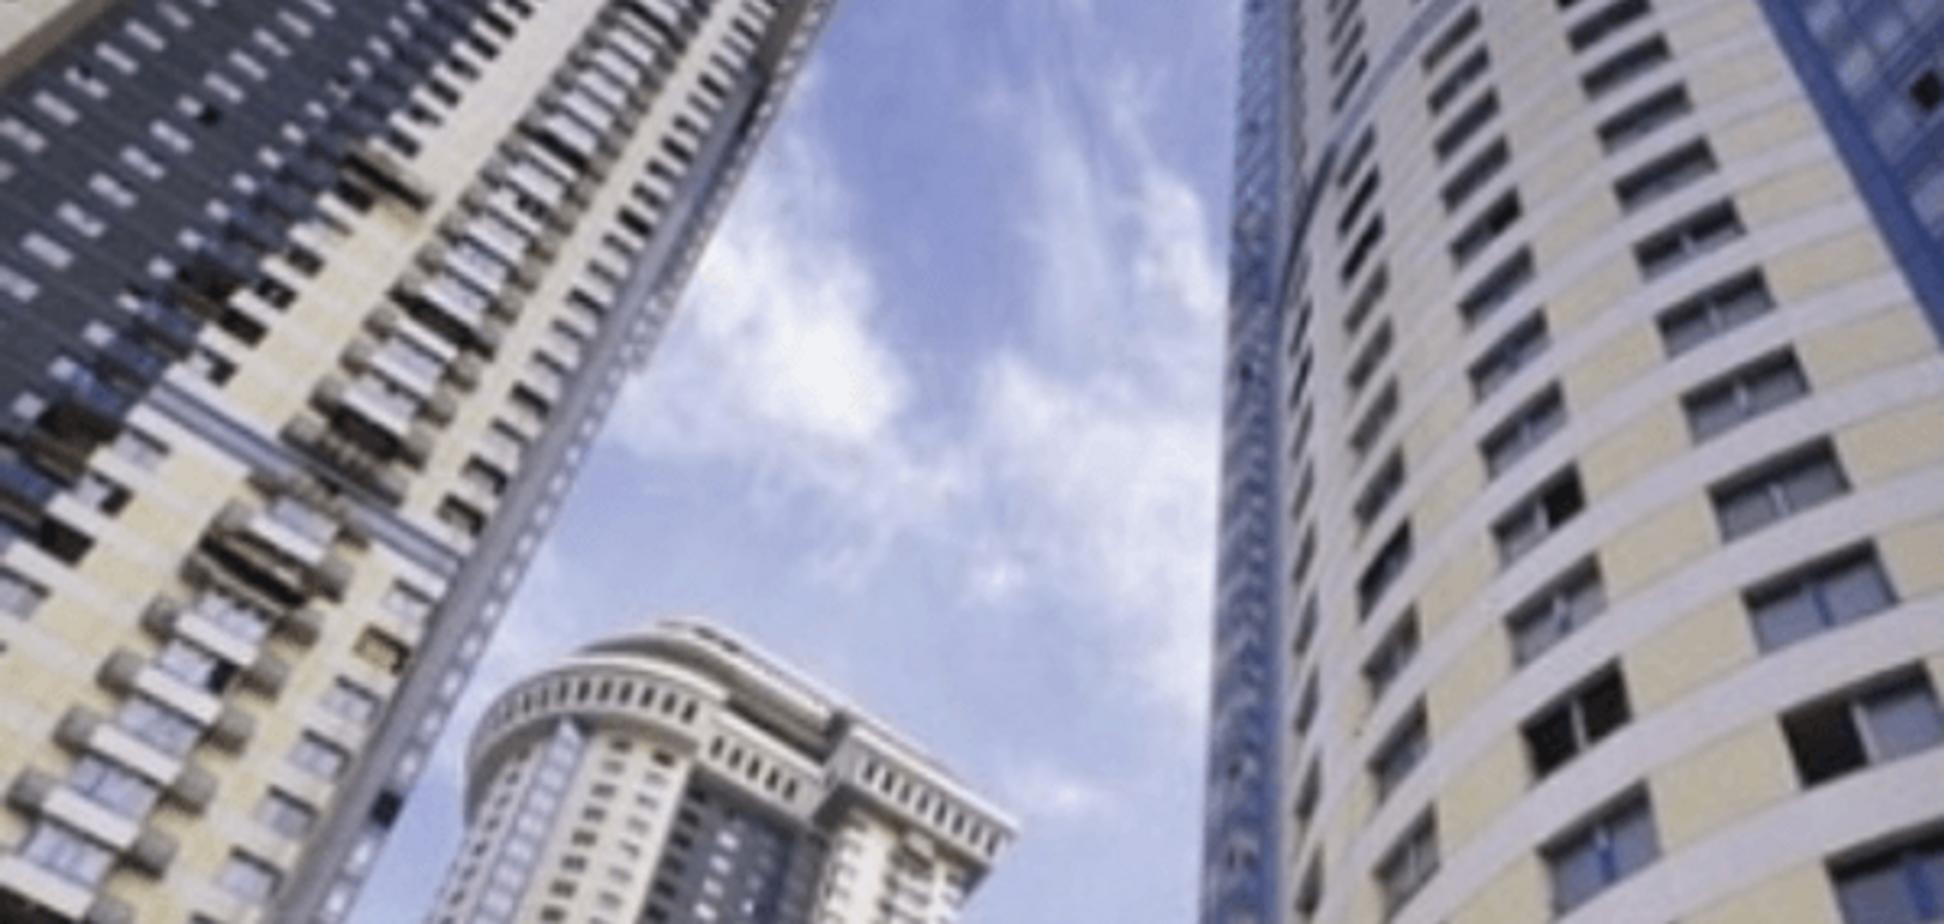 Ринок нерухомості України досяг дна: що буде далі